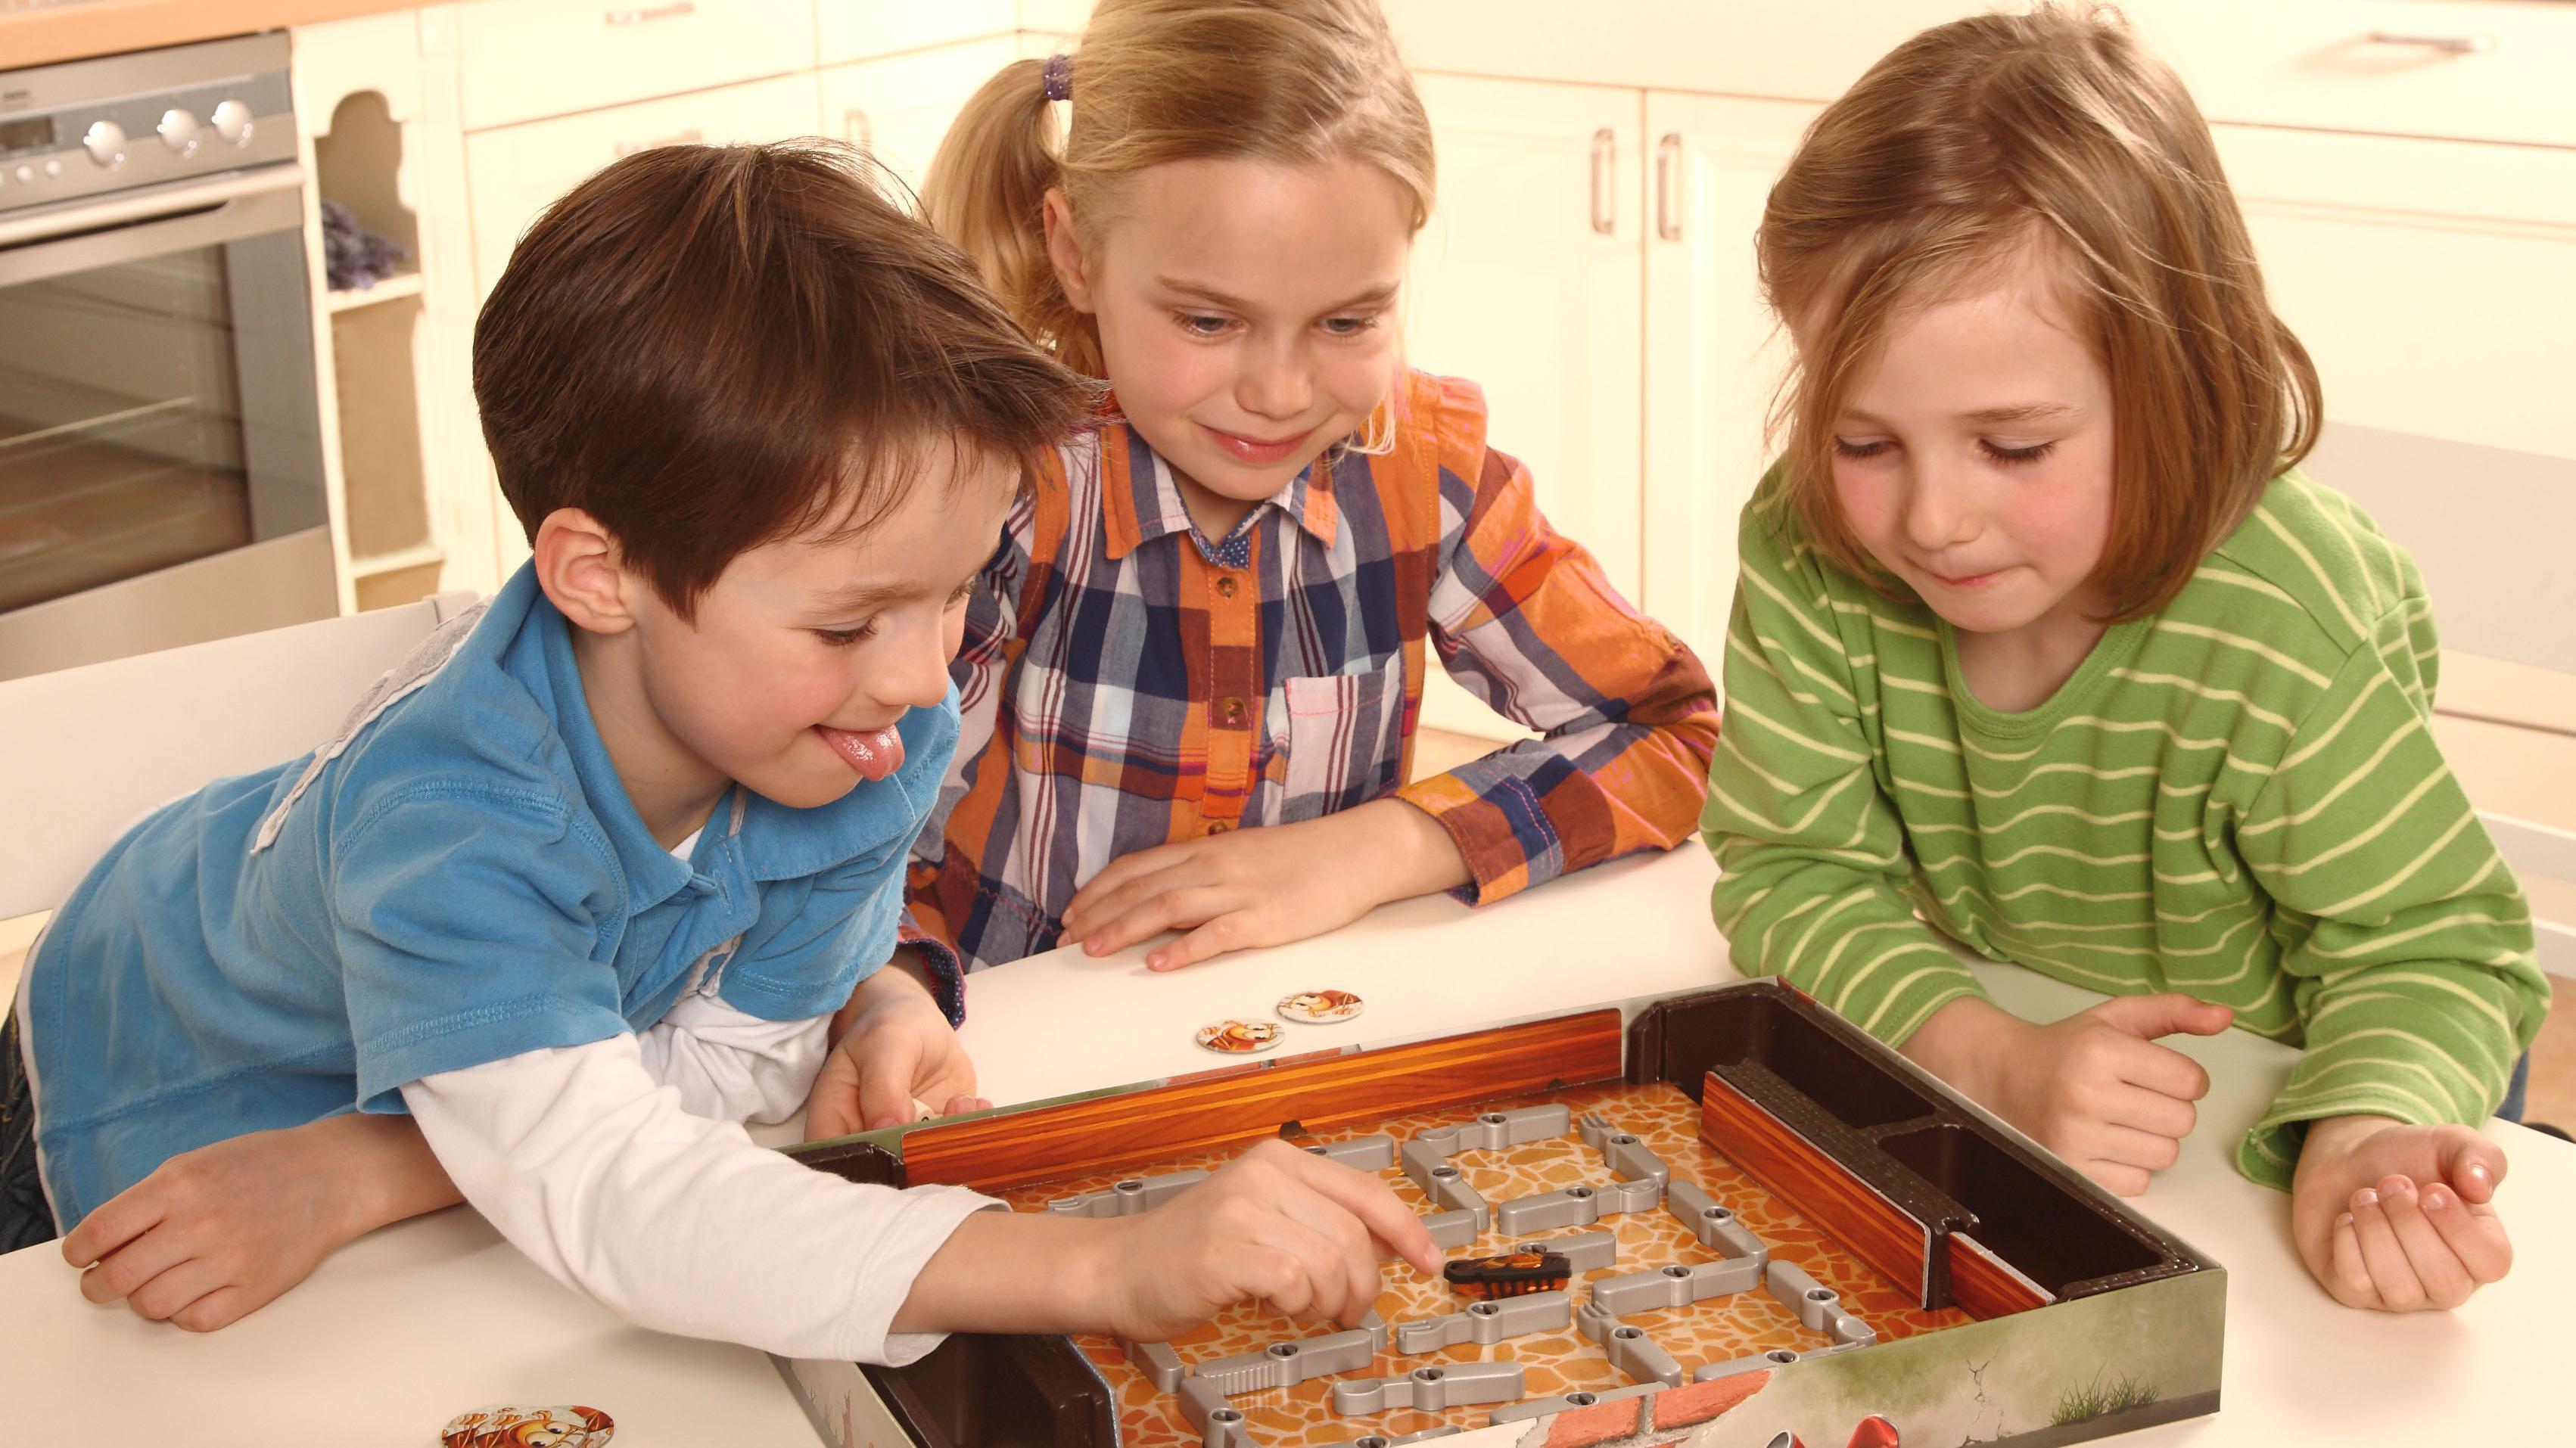 Das Spiel Kakerlakak ist ein kurzweiliges Familienspiel mit einer Roboter-Kakerlake.